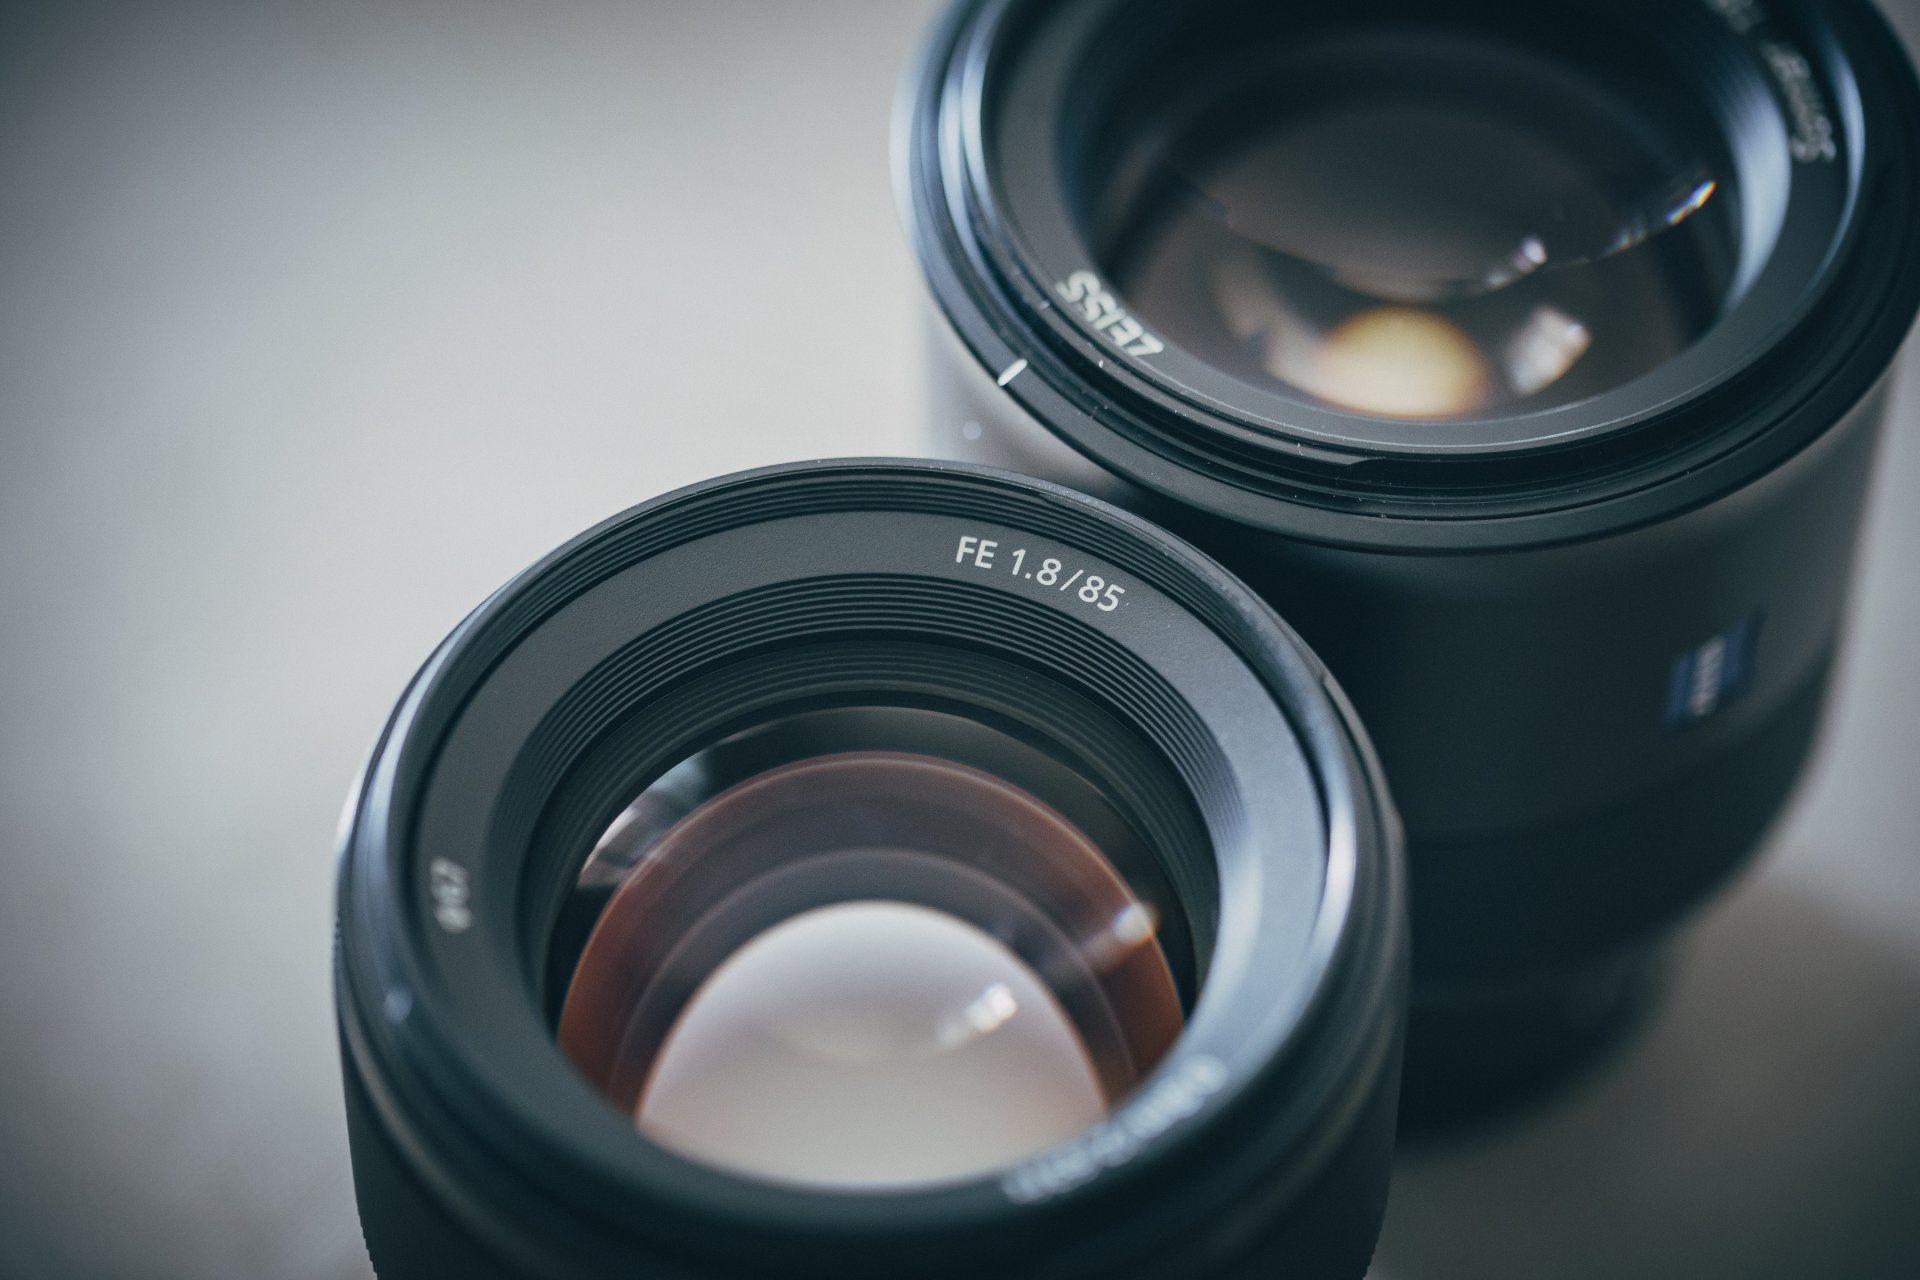 So sánh những ống kính 85mm phổ biến nhất hệ Sony FE: Batis, Sony FE, Samyang (MF)